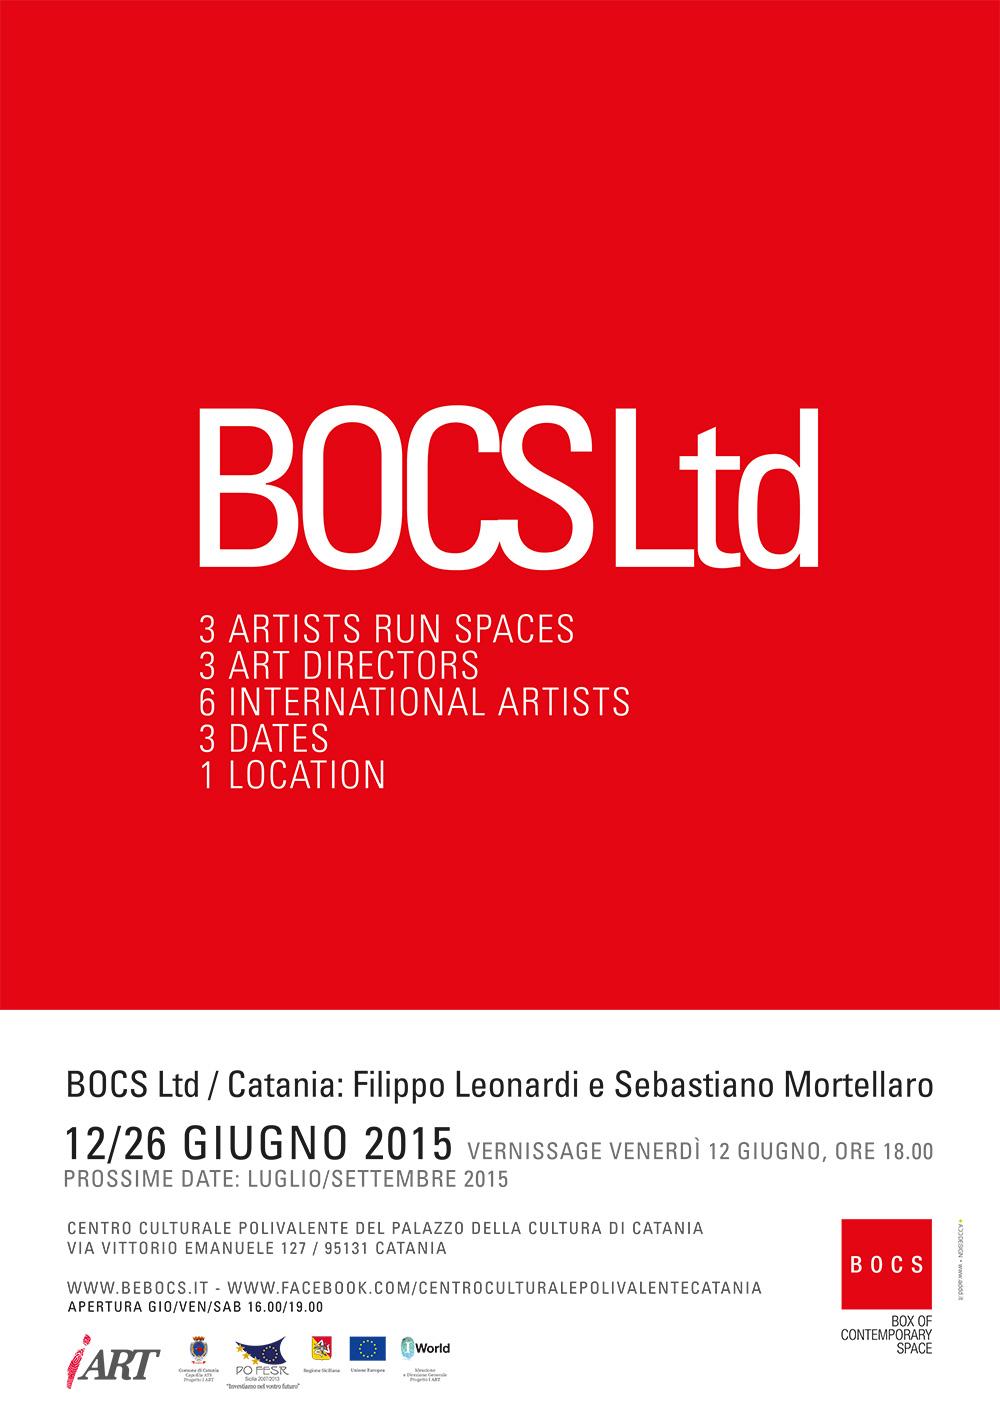 poster-A3---BOCS-Ltd